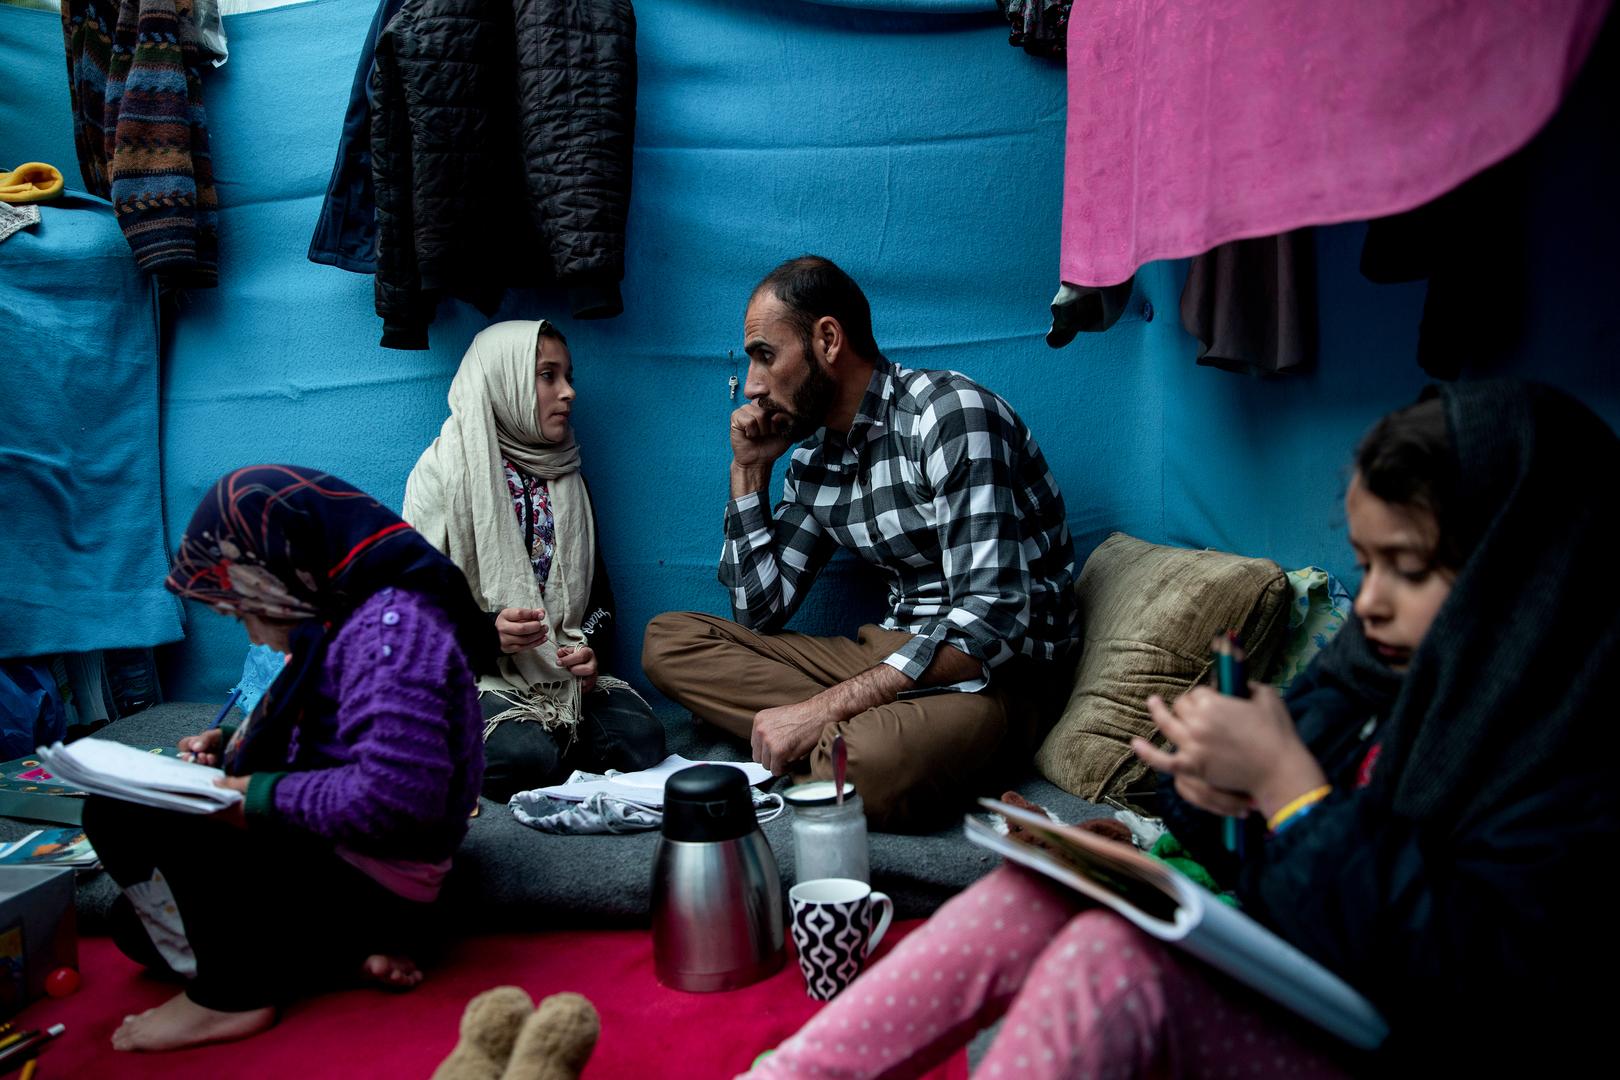 Für den afghanischen Schauspieler, der zum Flüchtling wurde, ist das Überleben die schwierigste Rolle. 16. Februar 2020.